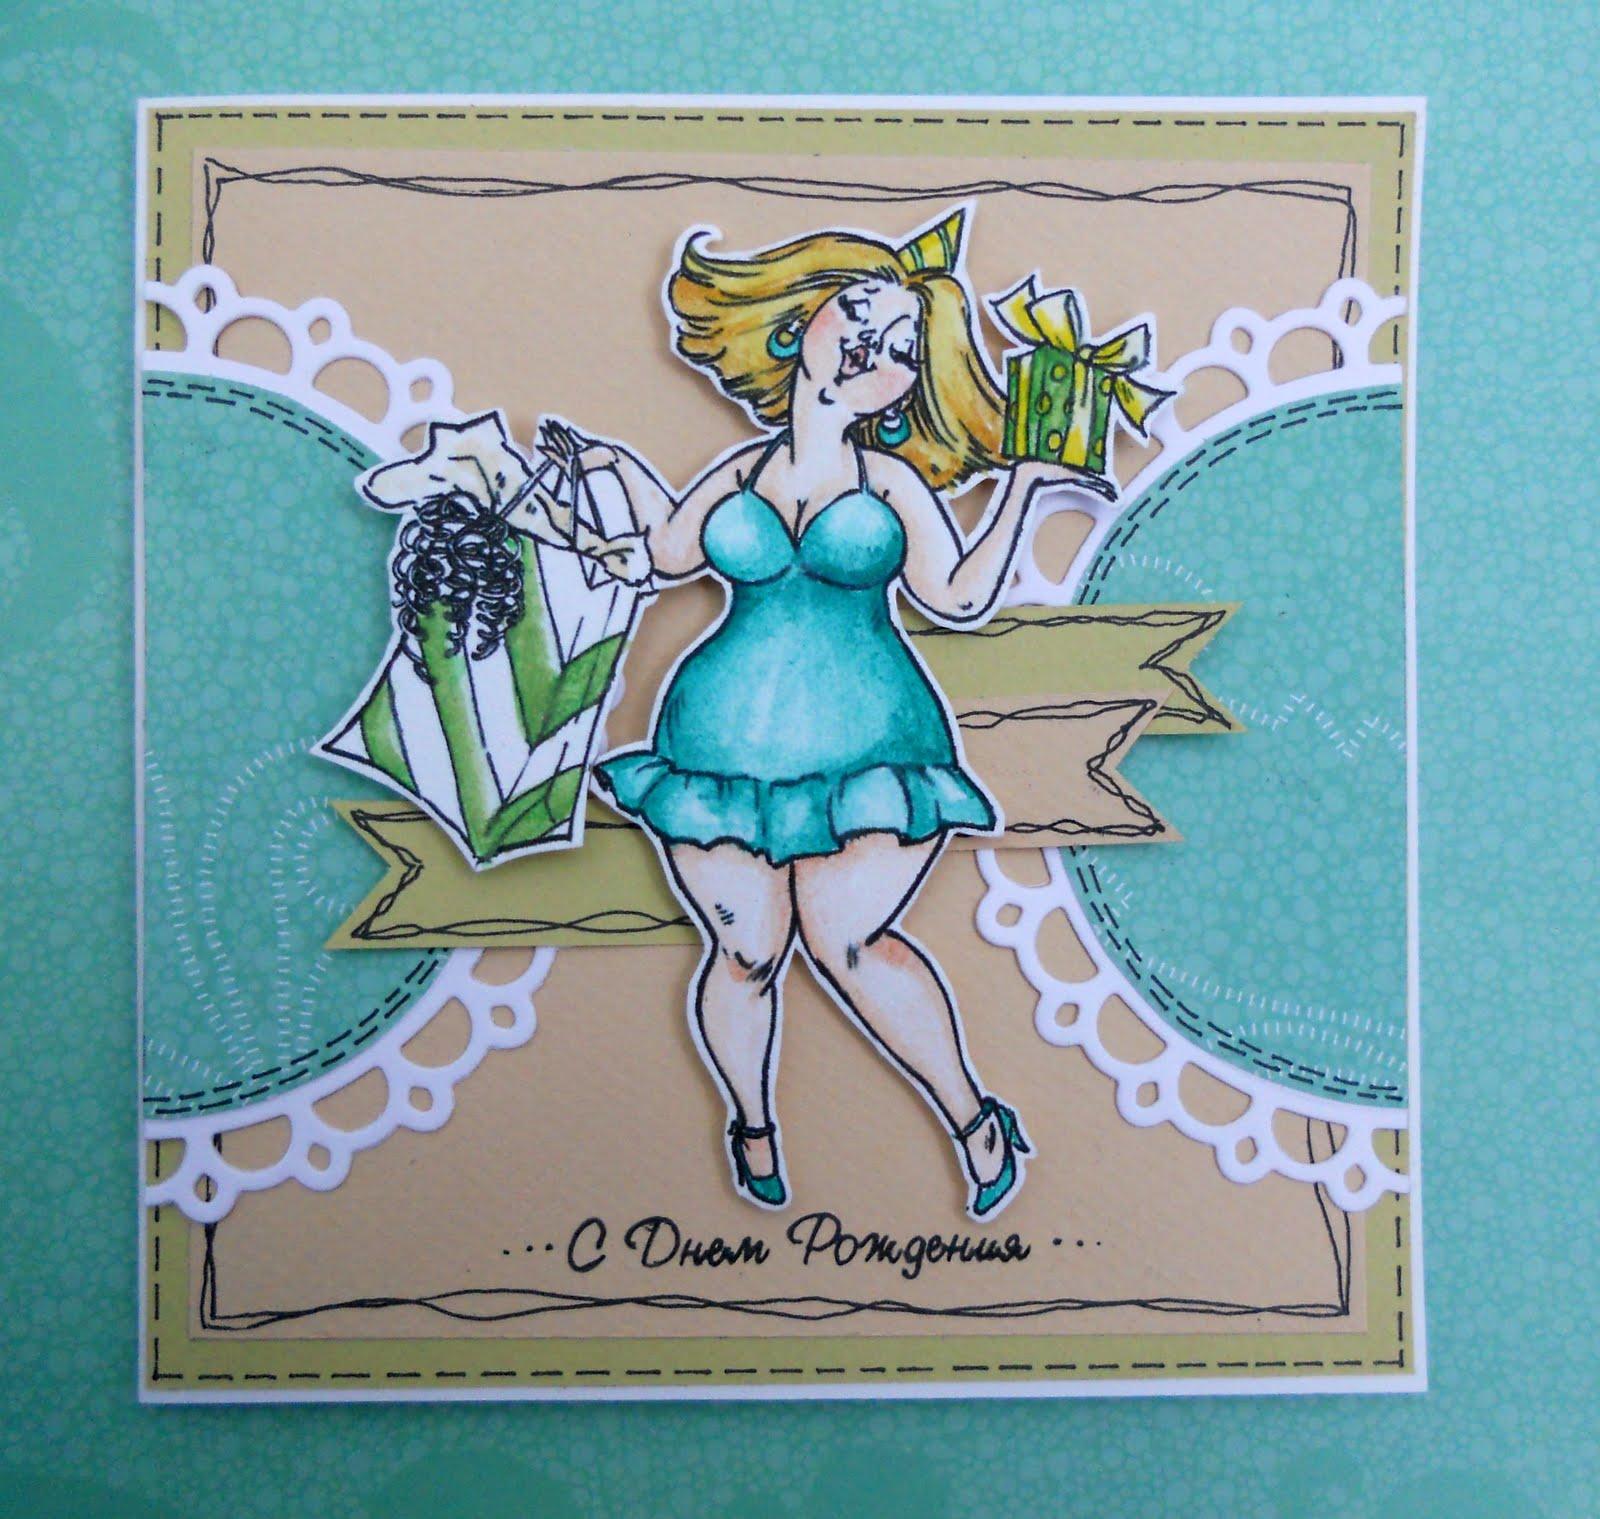 С днем рождения акварель открытки 58